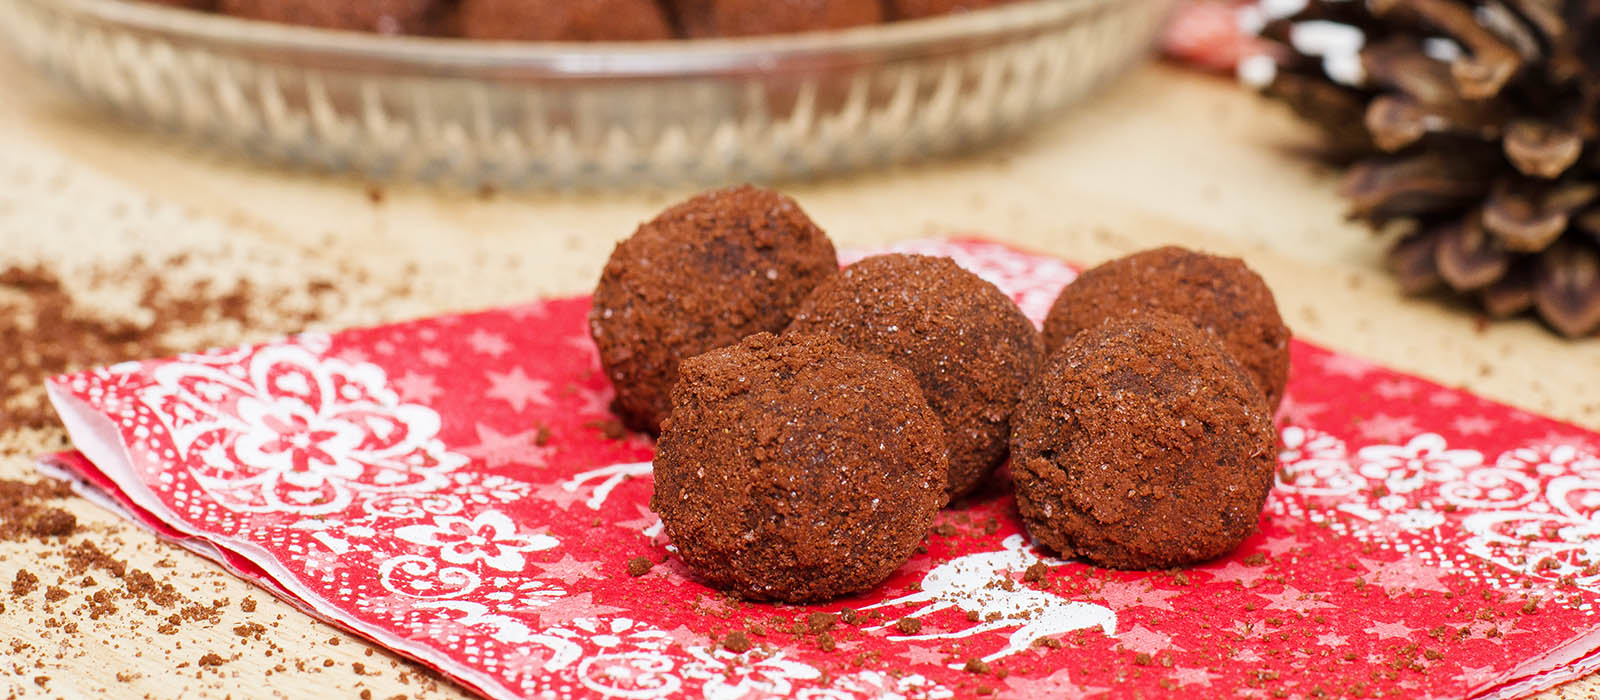 Vegane Weihnachtsplatzchen Die 10 Besten Rezepte